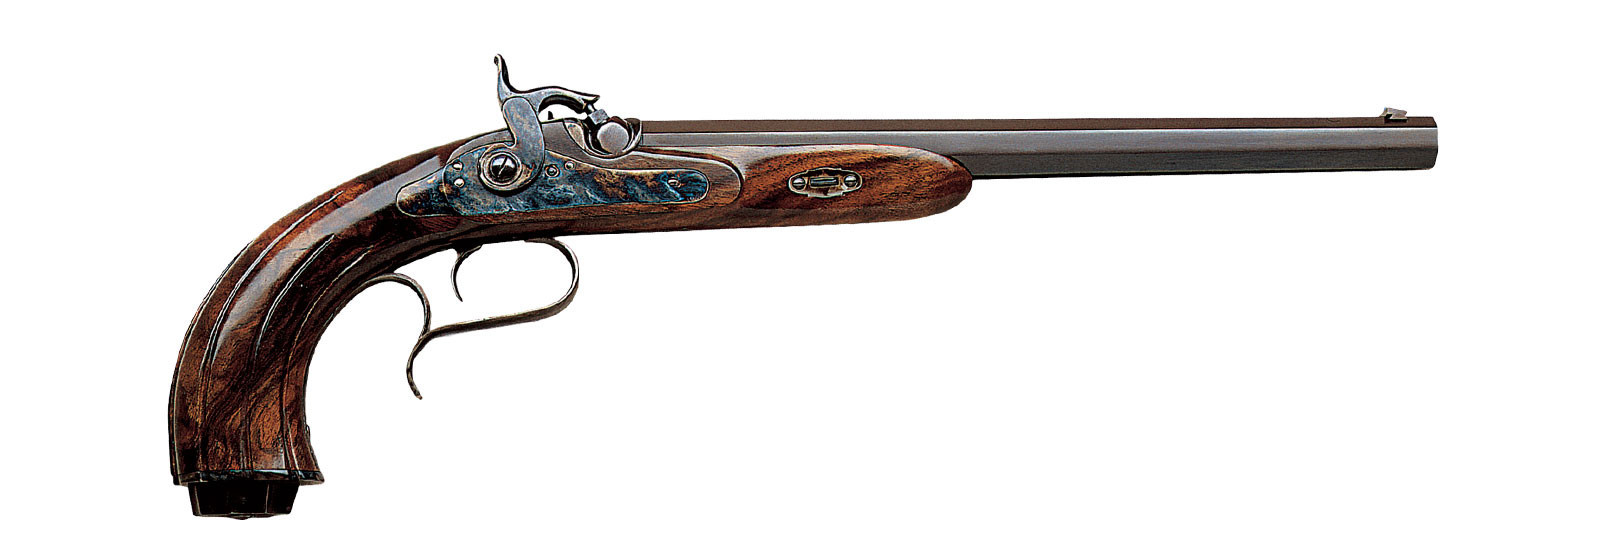 Kuchenreuter pistol cal. 44